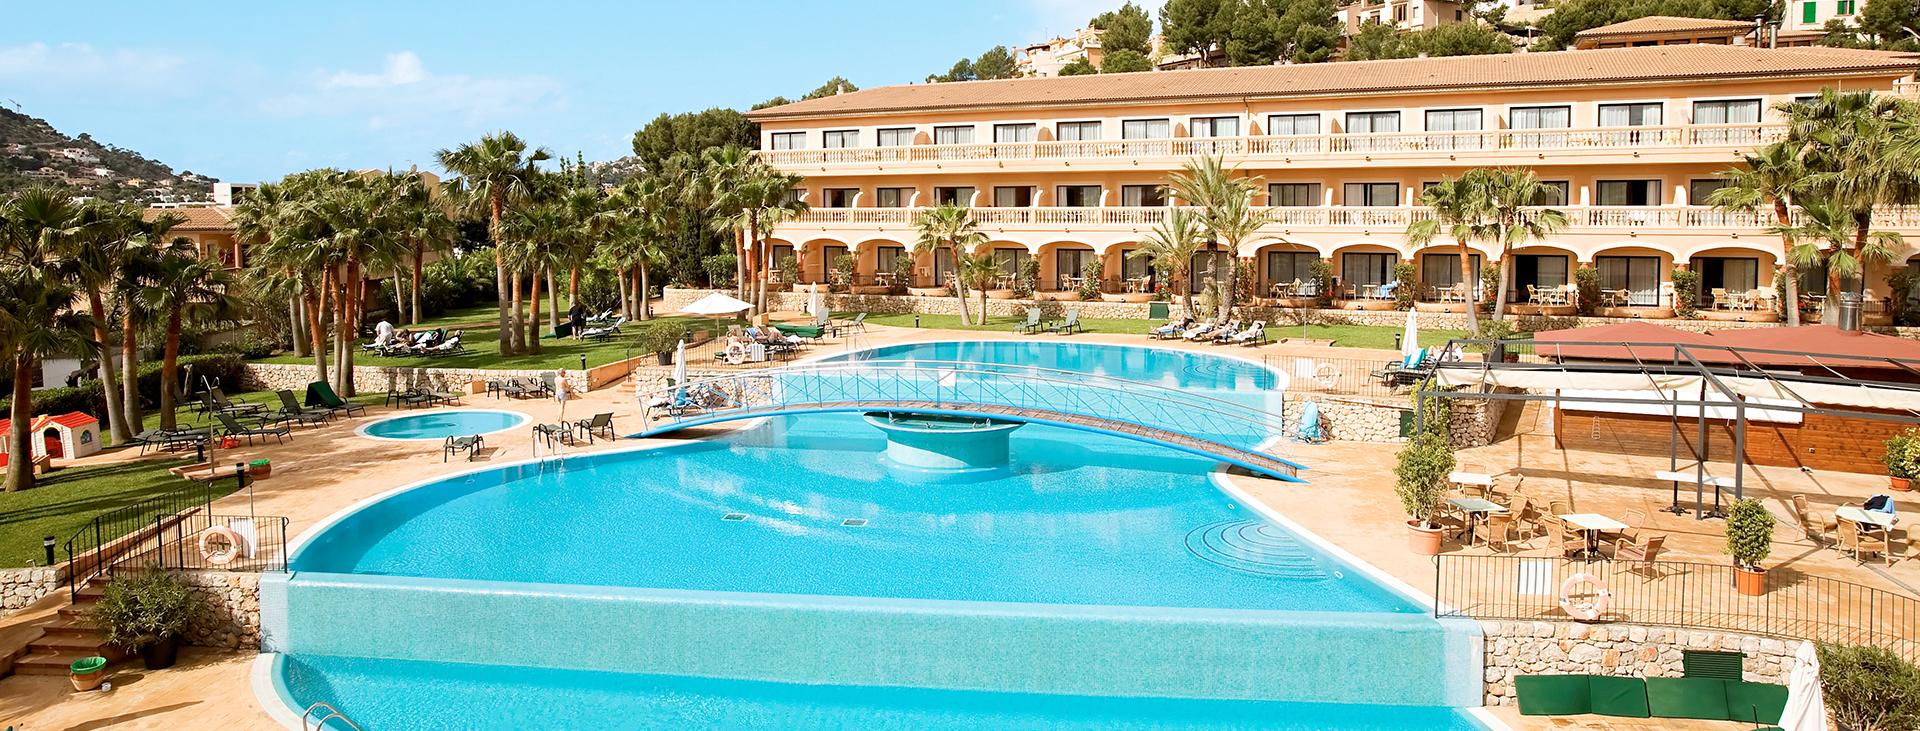 Mon Port Hotel & Spa, Port de Andratx, Mallorca, Spanien